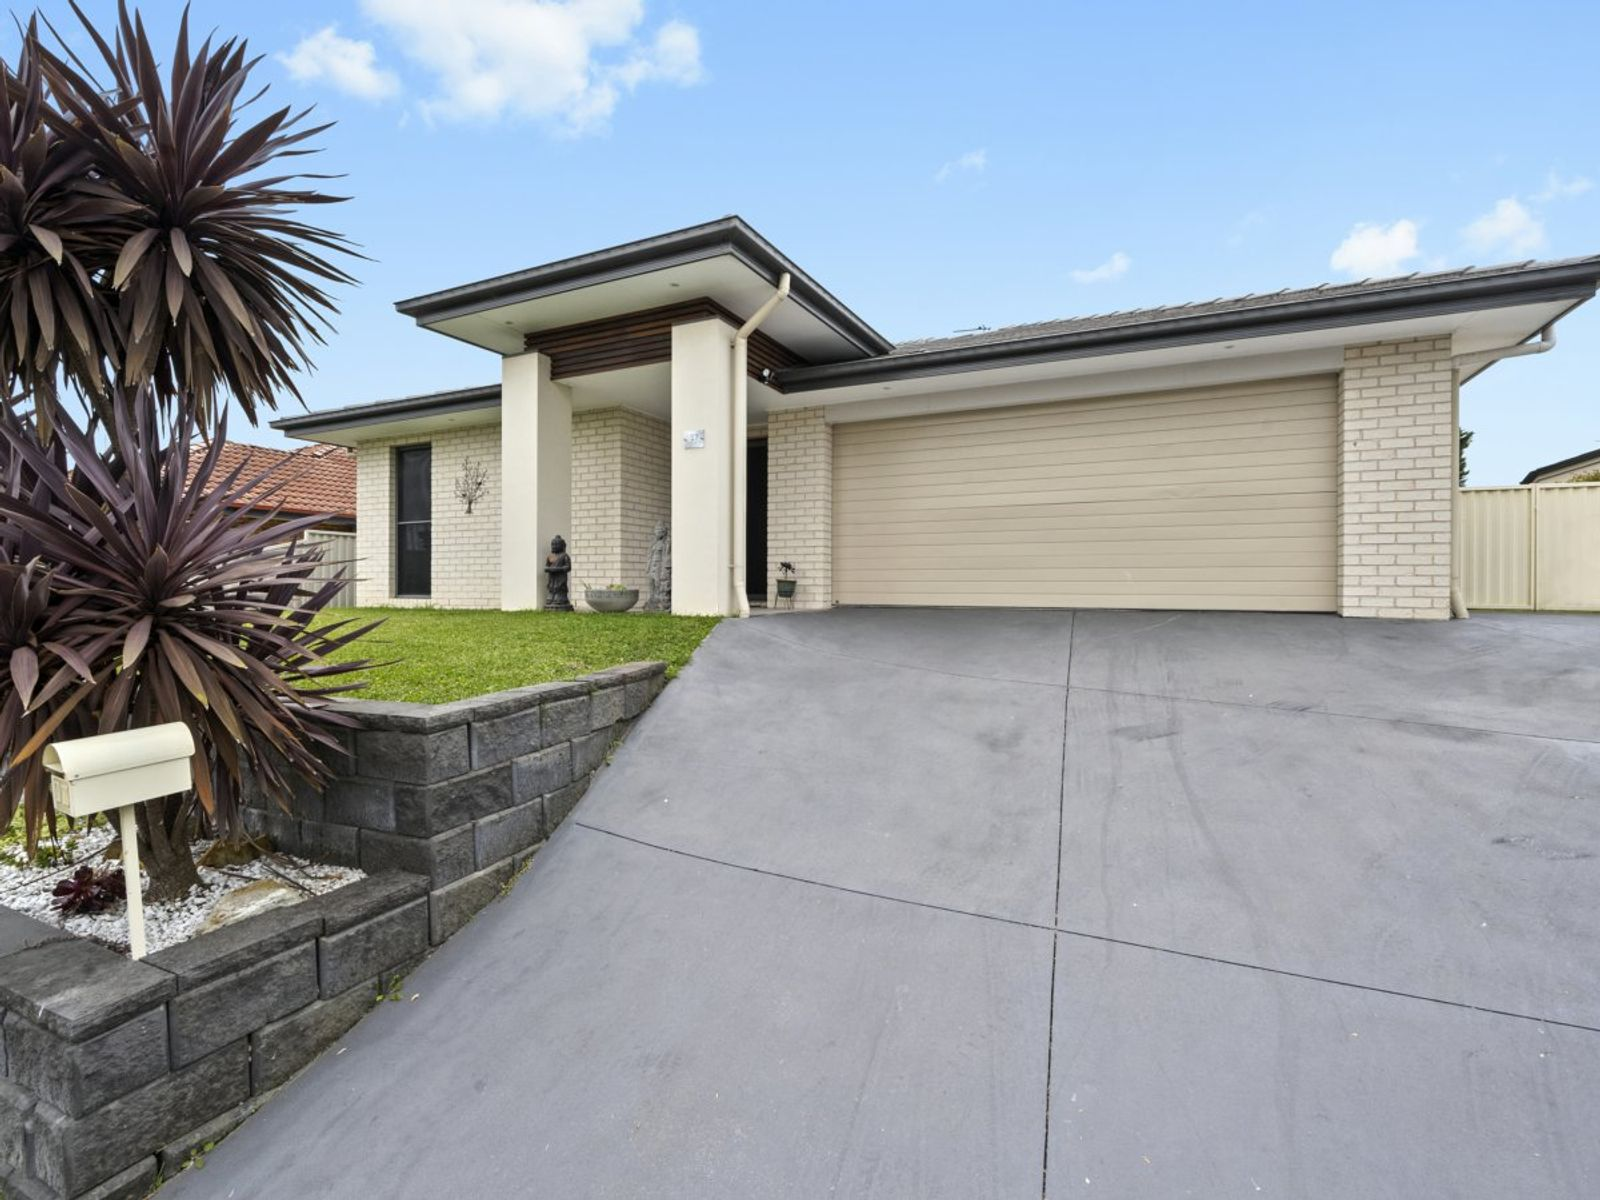 17 Marigold Street, Woongarrah, NSW 2259